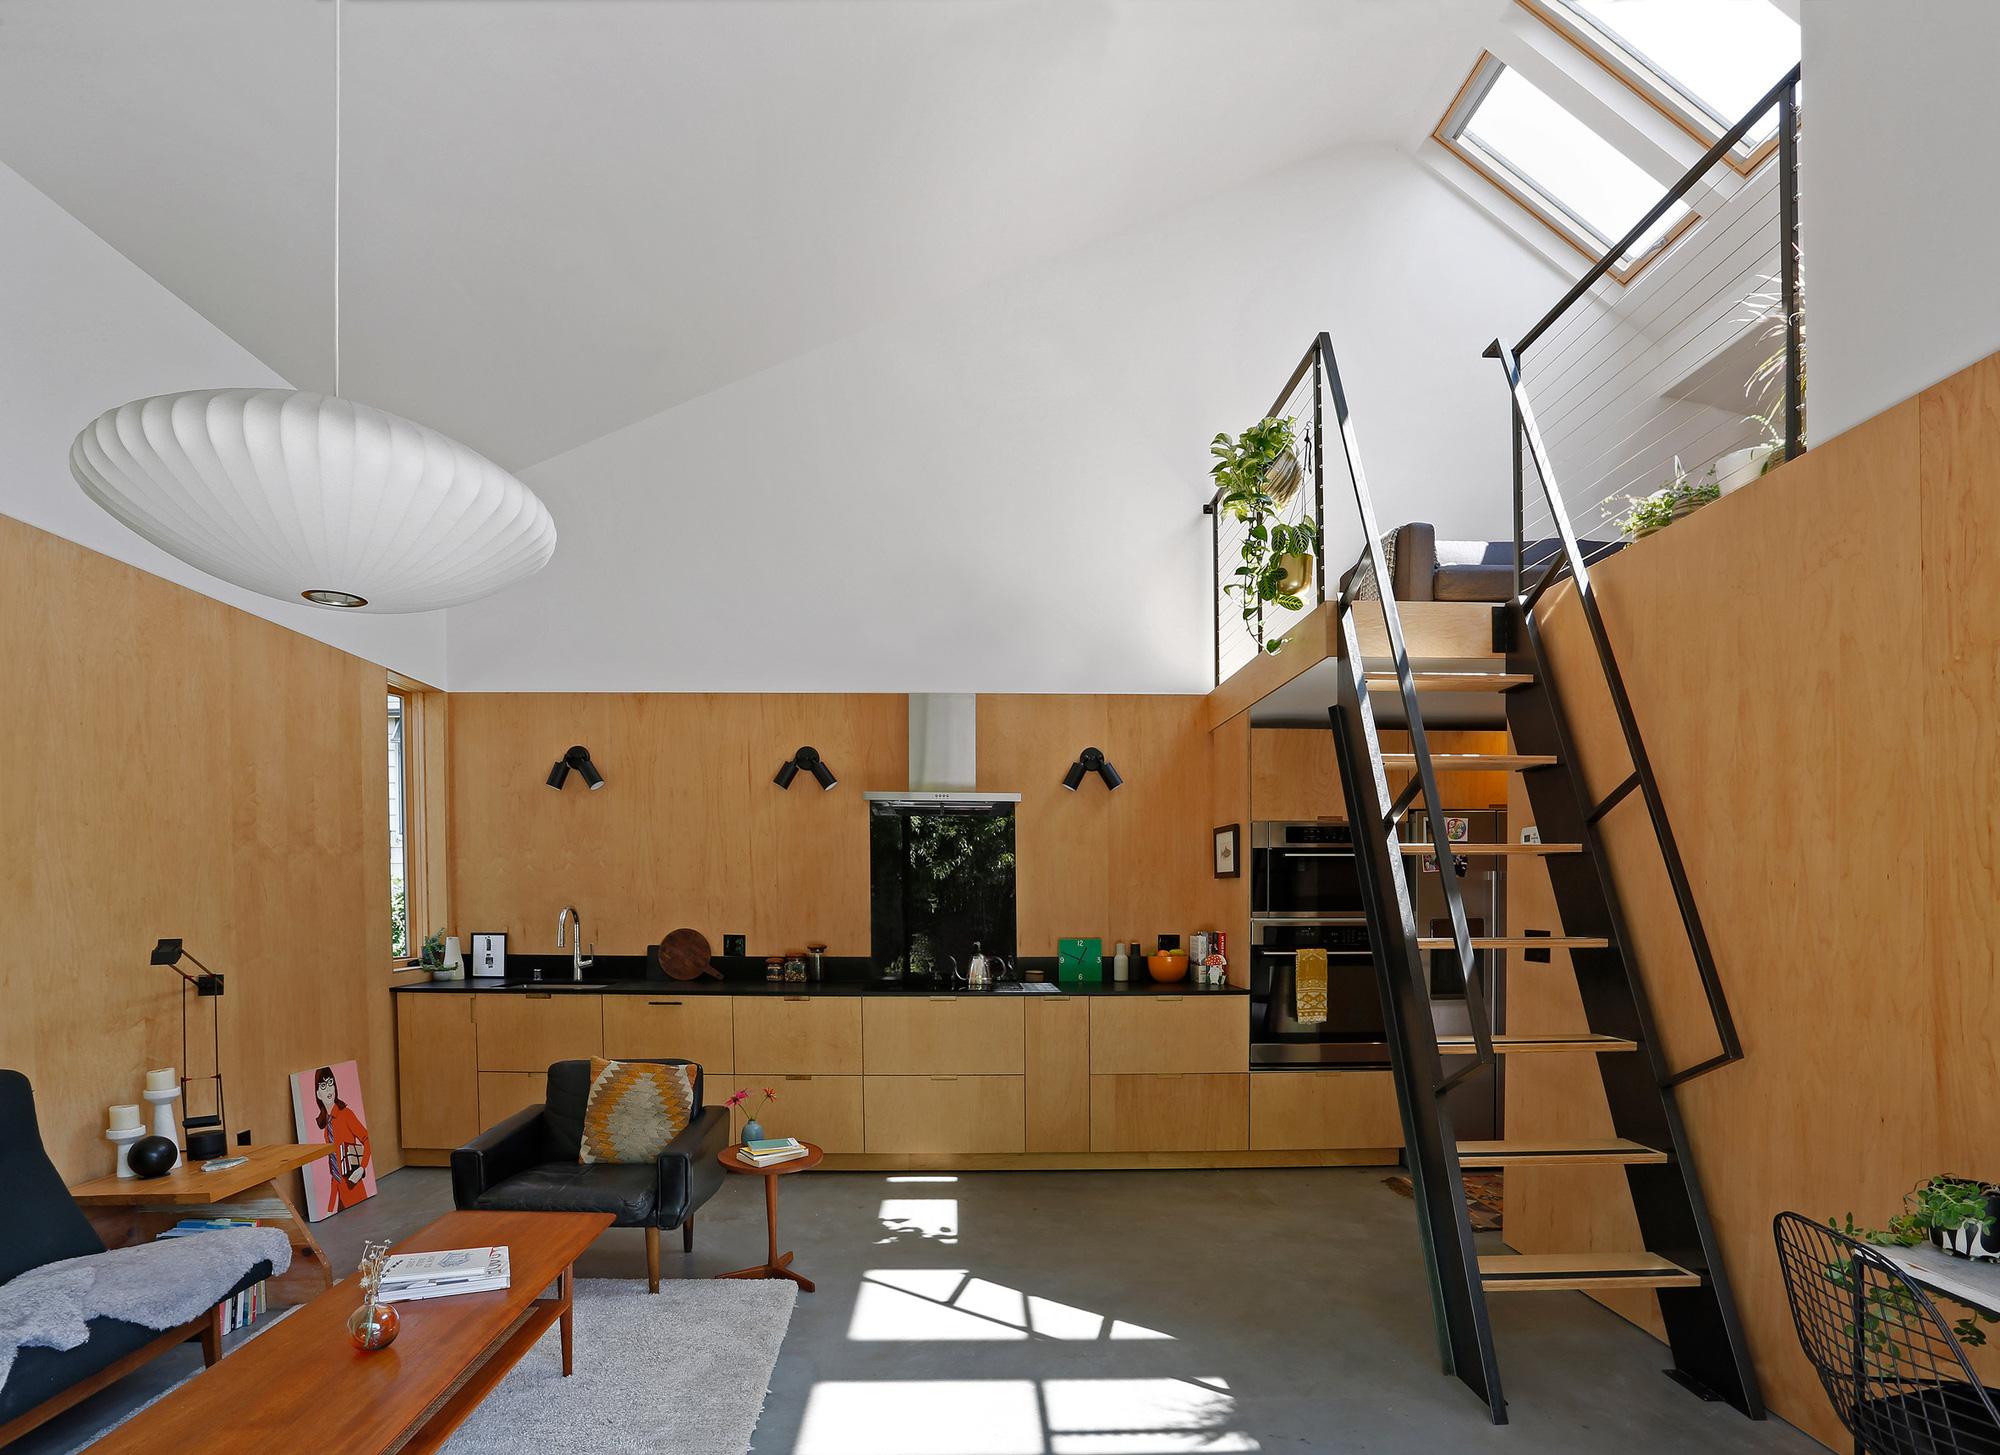 Ngôi nhà 54m² nhưng với cách thiết kế sáng tạo đã biến mặt tiền 4m thành 2 không gian vừa cho thuê vừa sử dụng tách biệt - Ảnh 6.